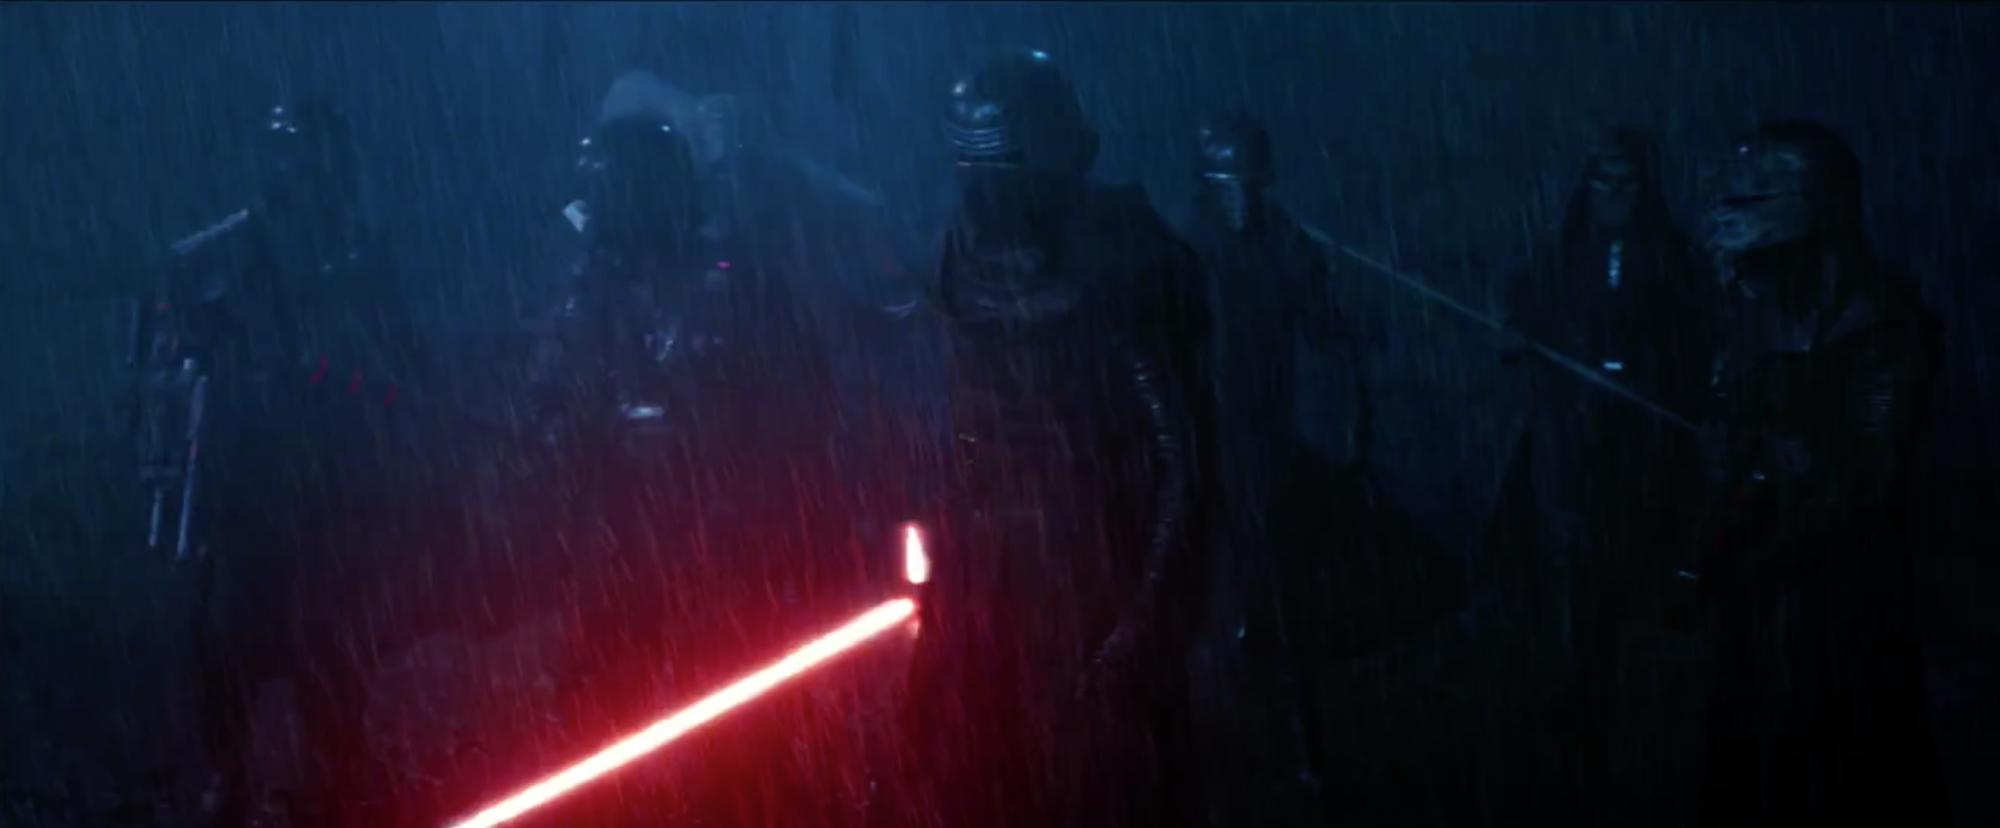 Star Wars: Episodio VII - Il risveglio della Forza: un'immagine suggestiva del trailer finale del film